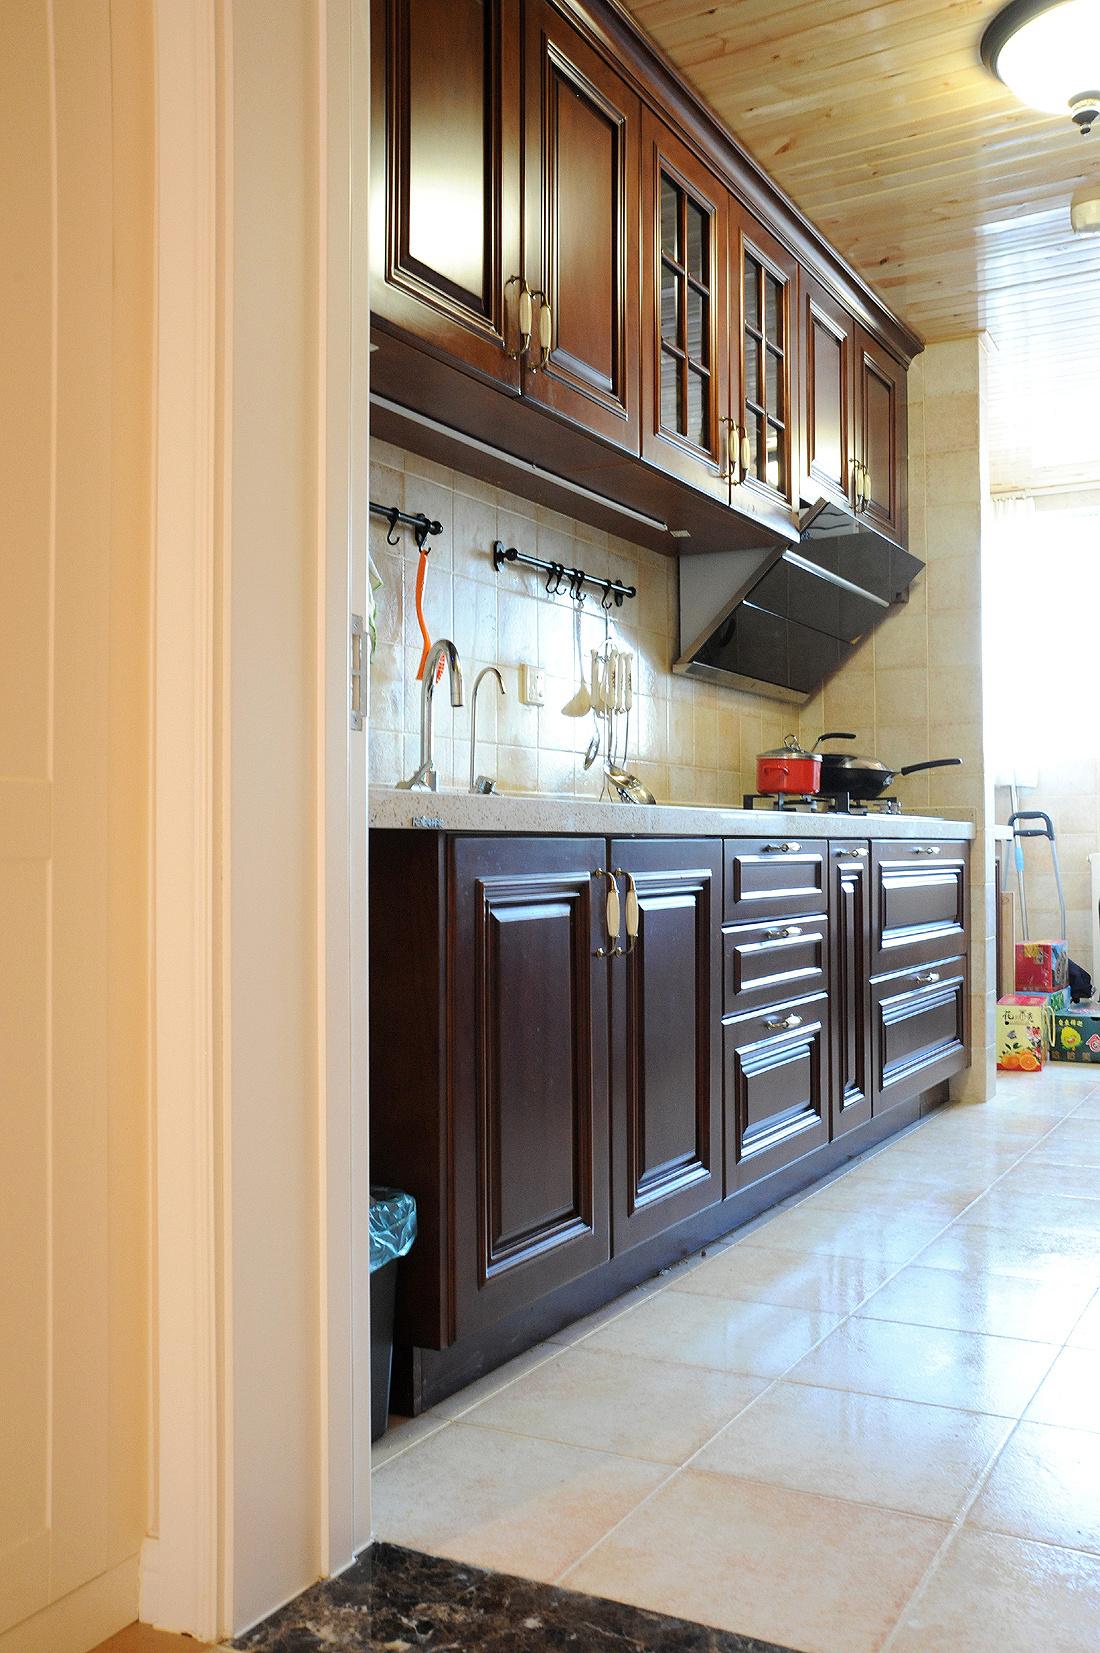 简约 美式 三居 90后 沪上名家 厨房图片来自沪上名家装饰在奶咖色简美风醉美的分享